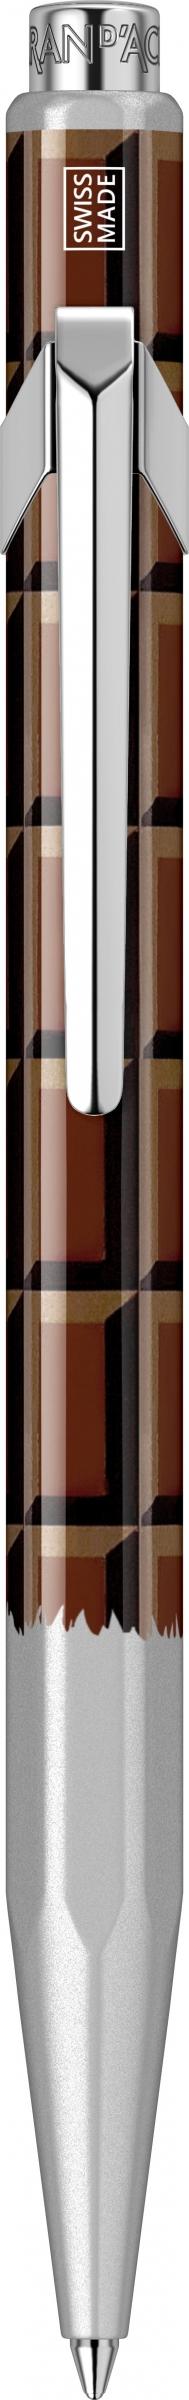 Chocolate CT-472